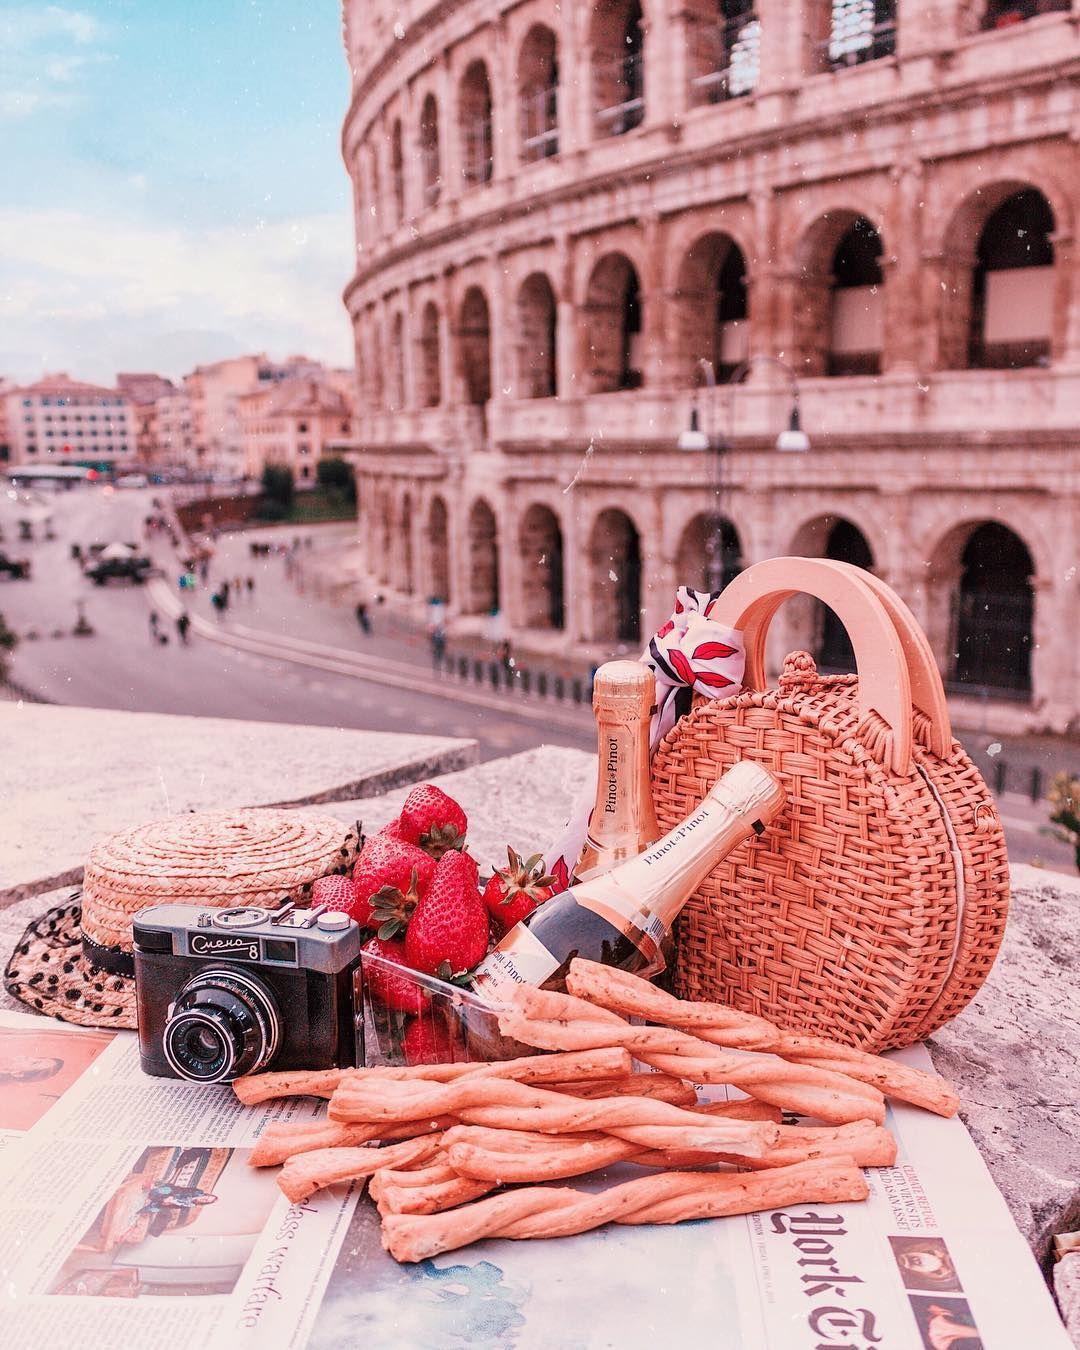 aszparaginsav racemizációs randevúk Dexter társkereső szülővárosi történet